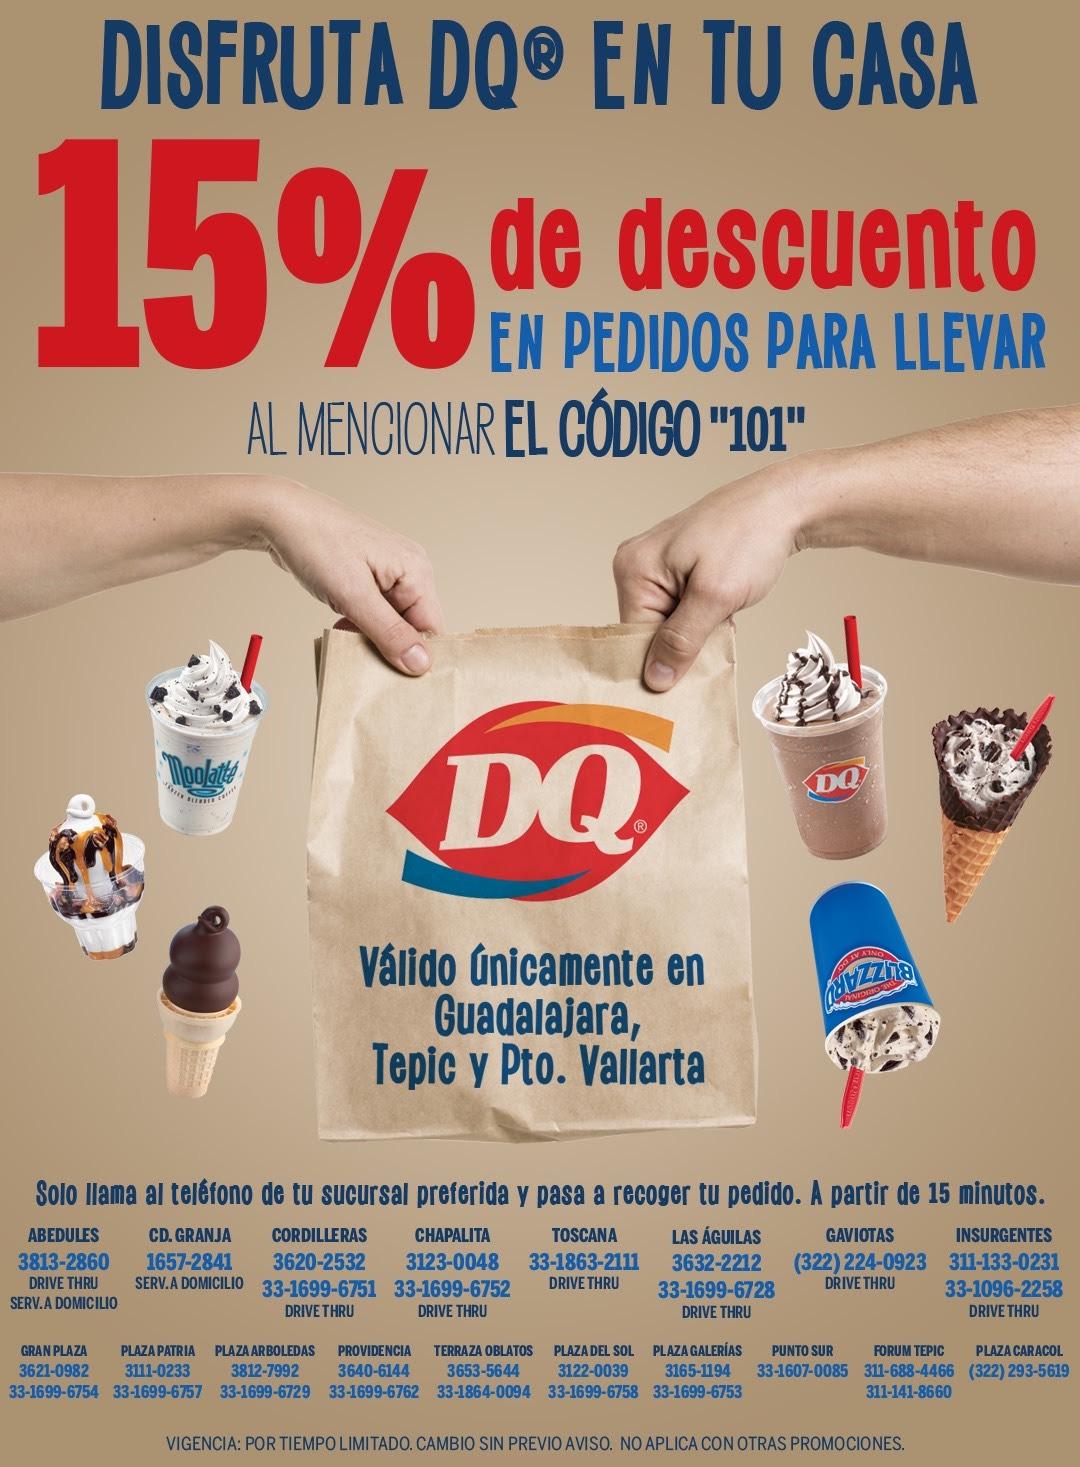 Dairy Queen: 15% de descuento en pedidos para llevar